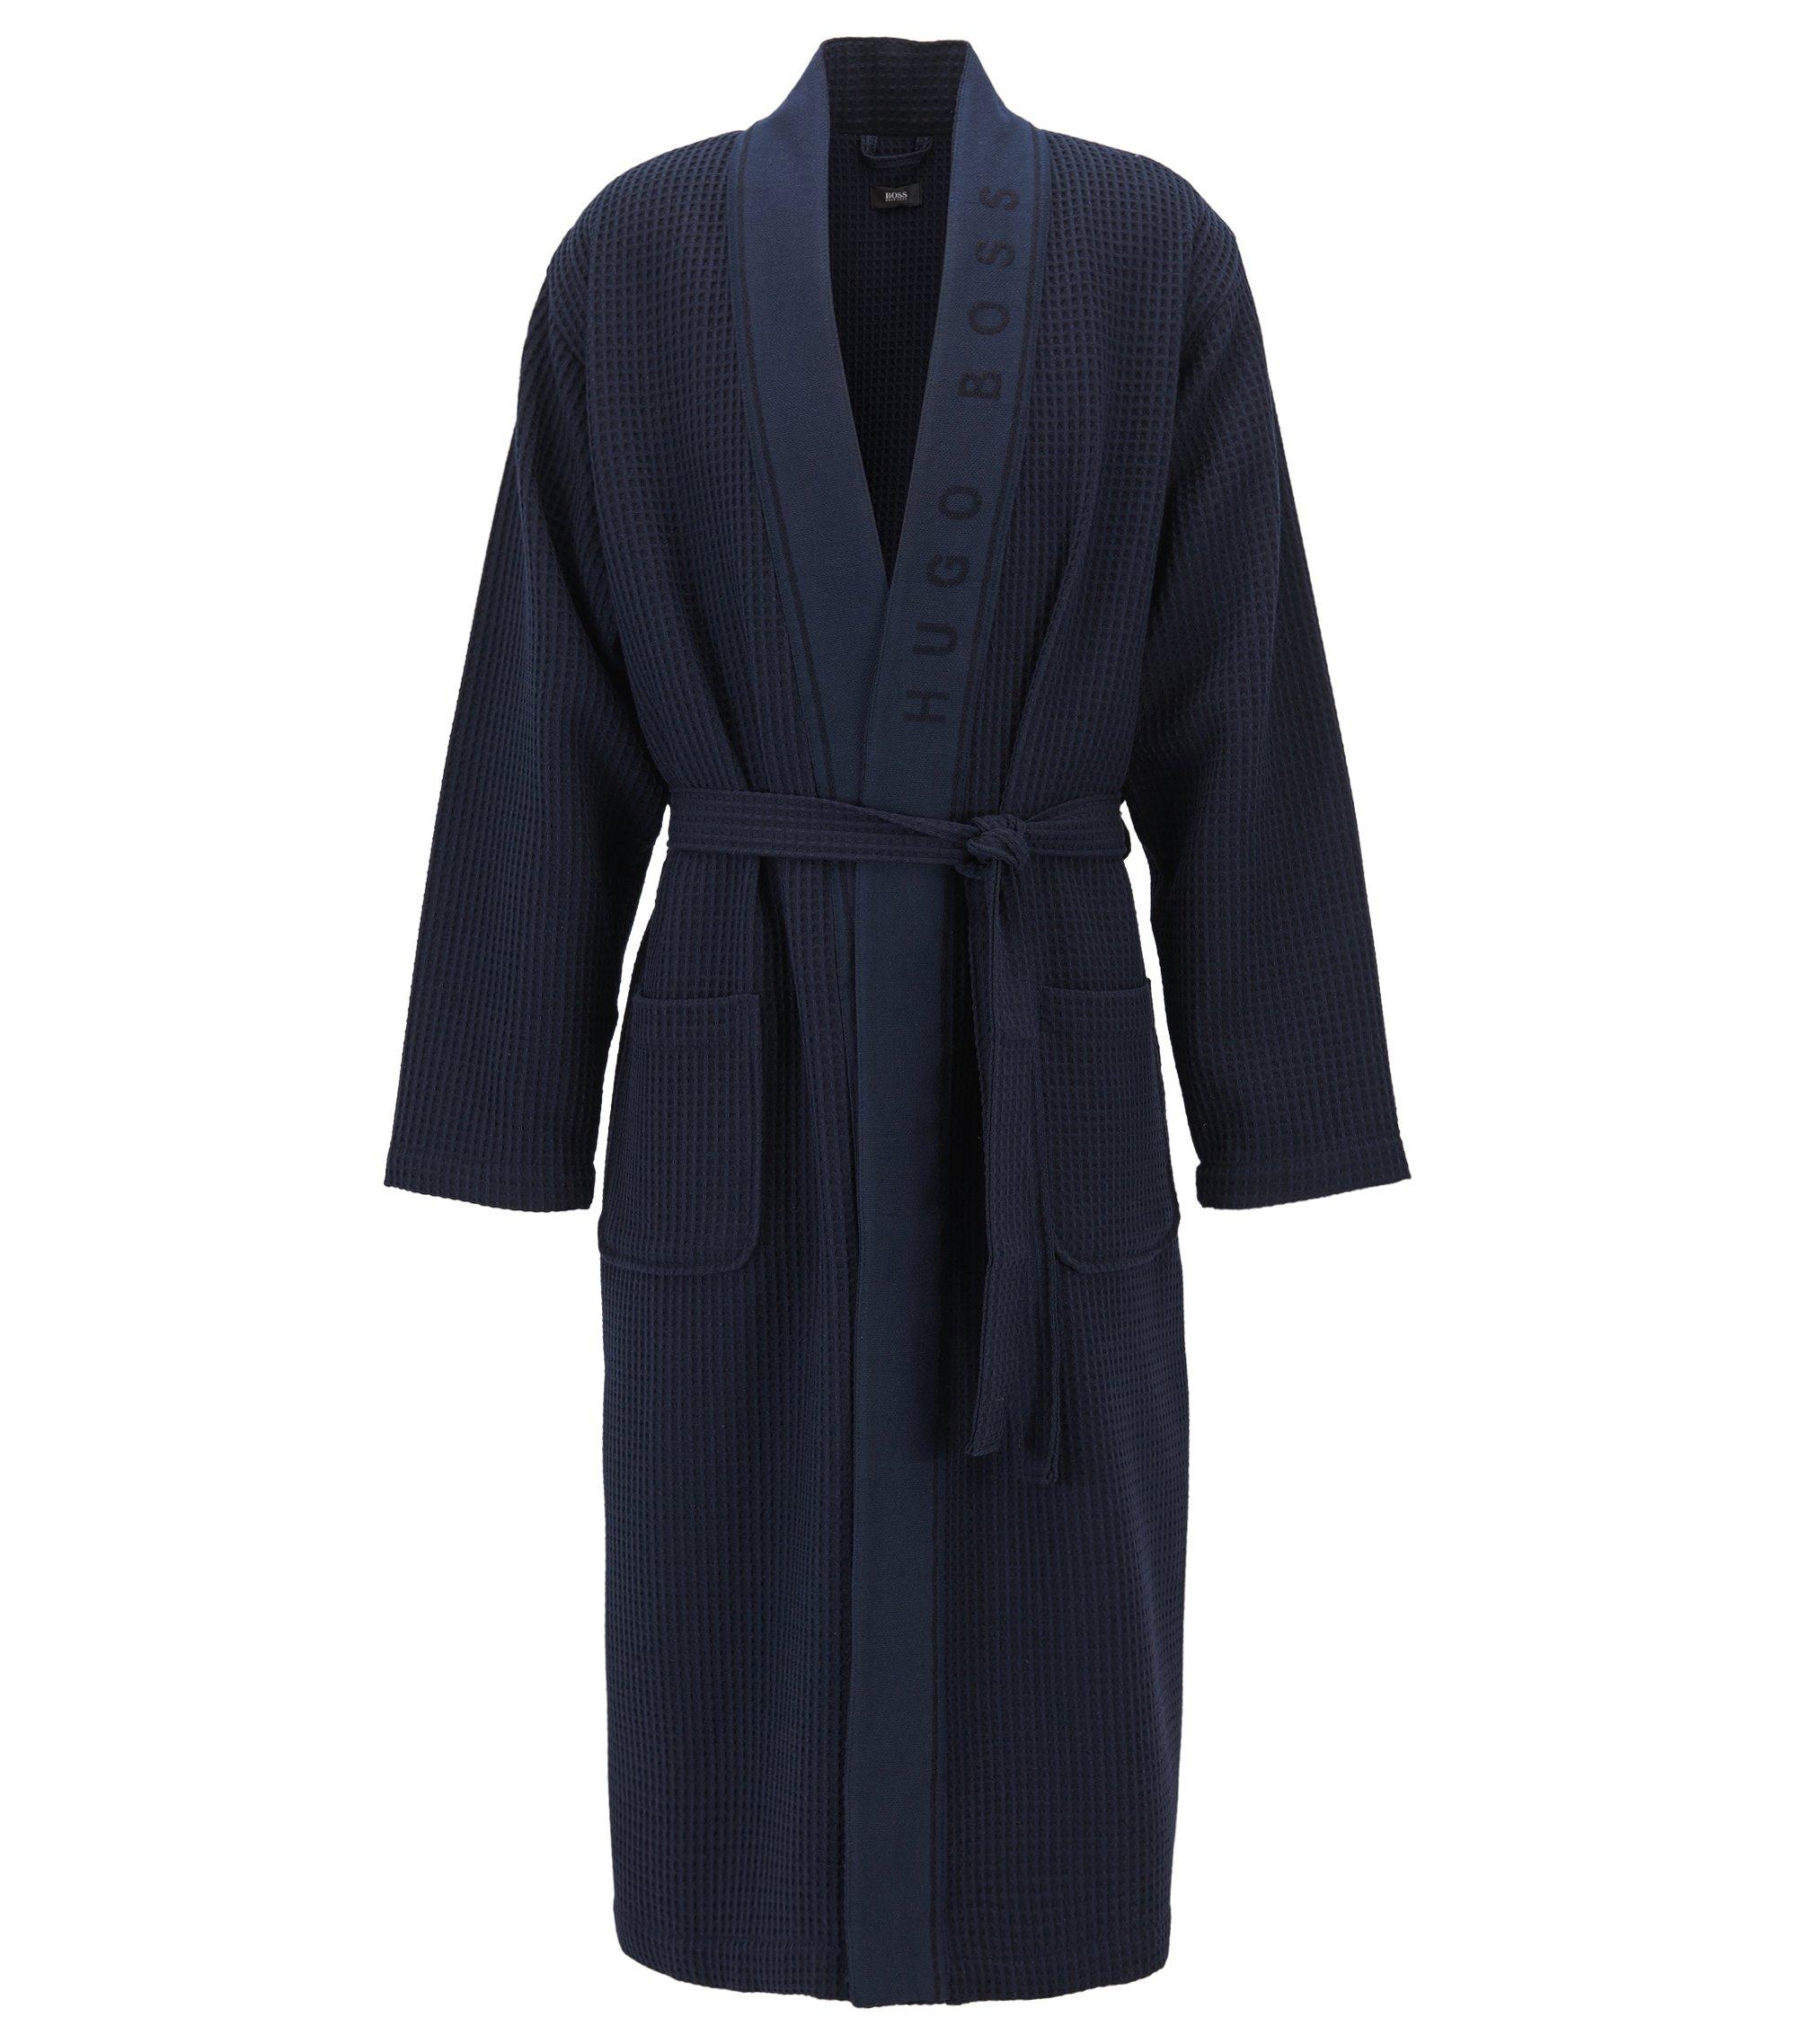 Robe de chambre en piqué gaufré de coton mélangé, Bleu foncé